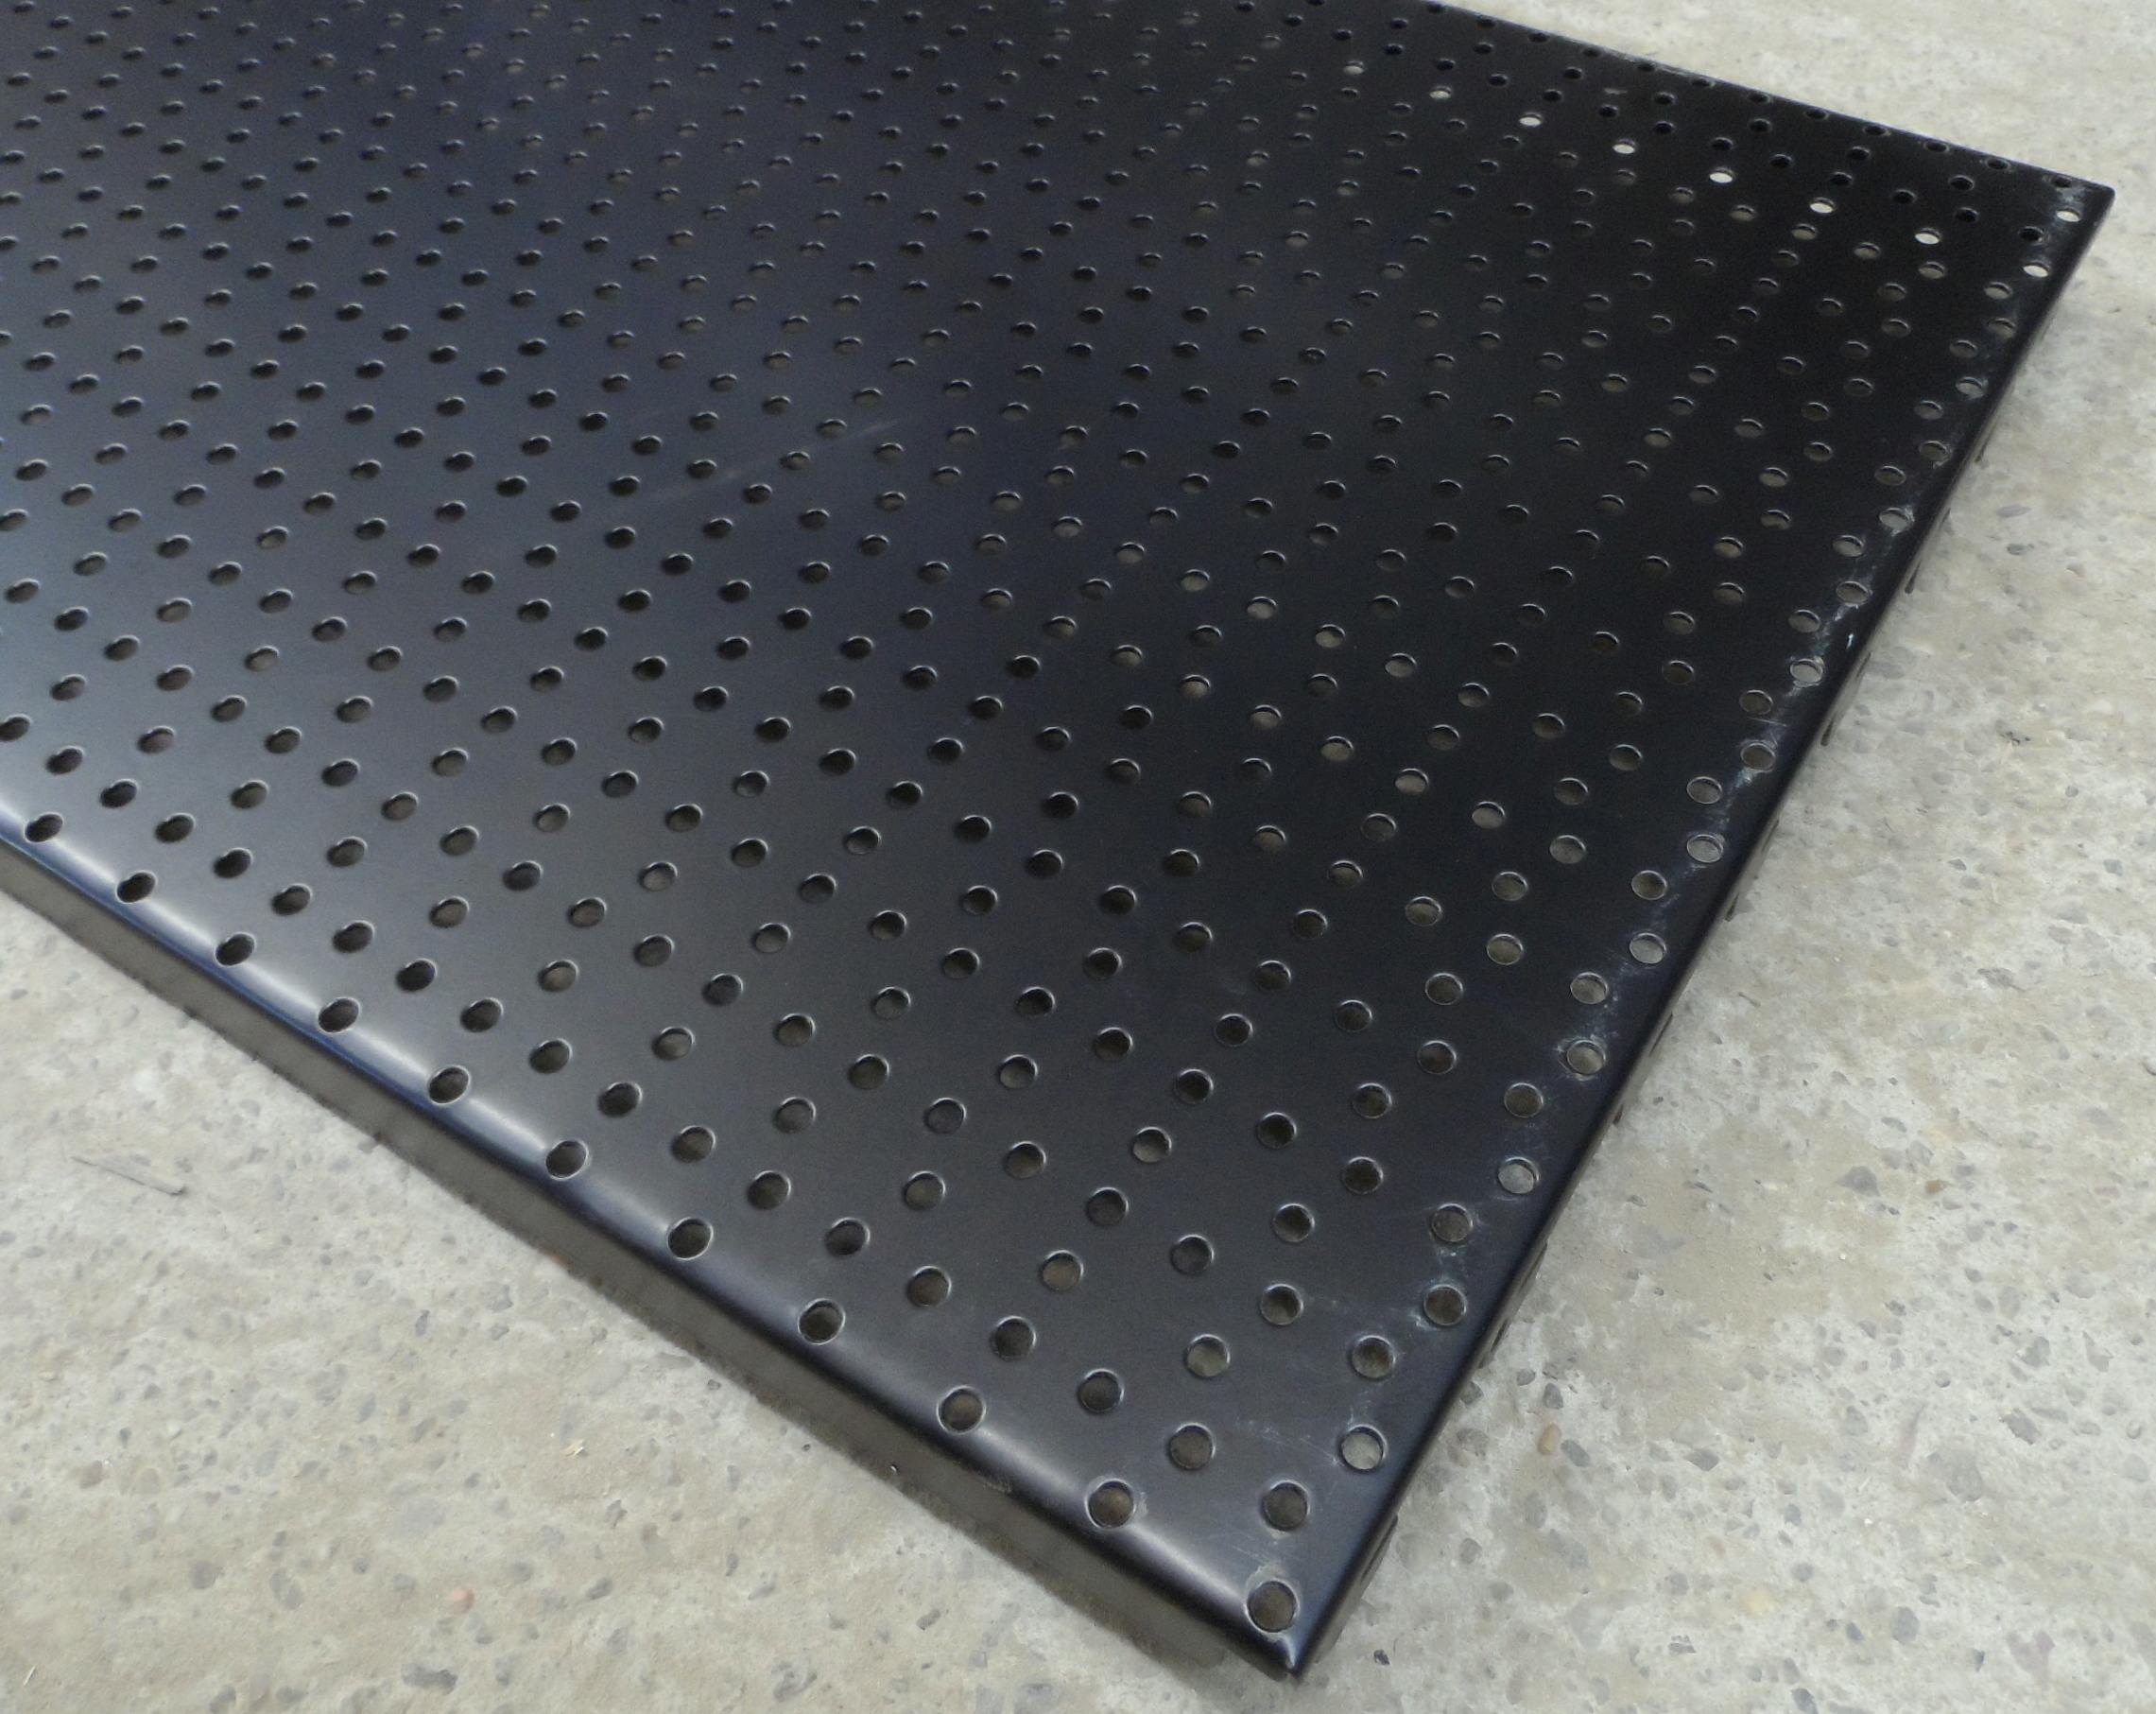 4x lochw nde lochwand 125 x 40 cm tegometall tego schwarz werkstatt werkzeug ebay. Black Bedroom Furniture Sets. Home Design Ideas